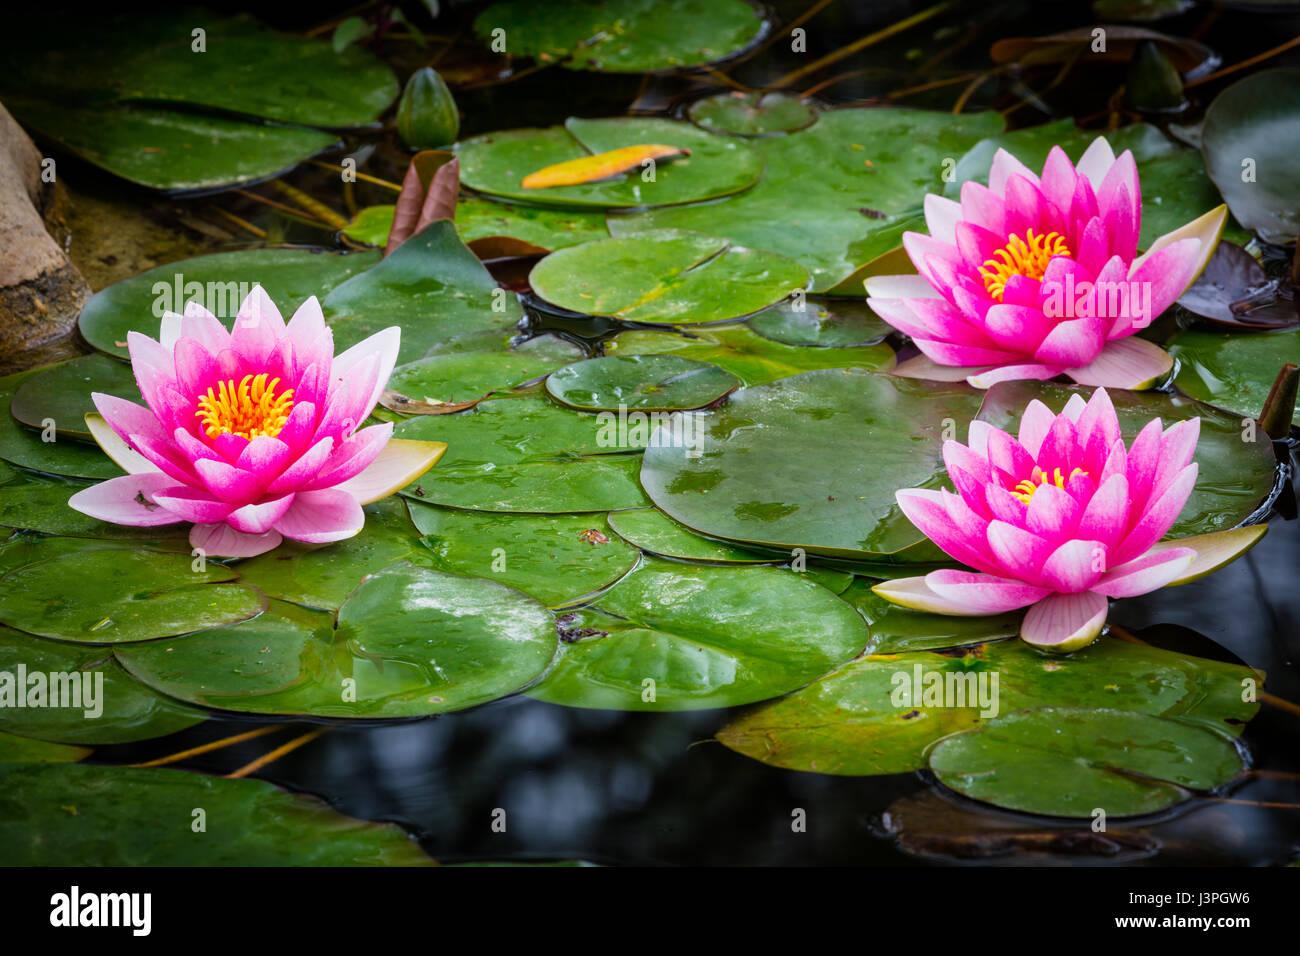 Nymphaeaceae es una familia de plantas en floración. Los miembros de esta familia son comúnmente llamados lirios Foto de stock